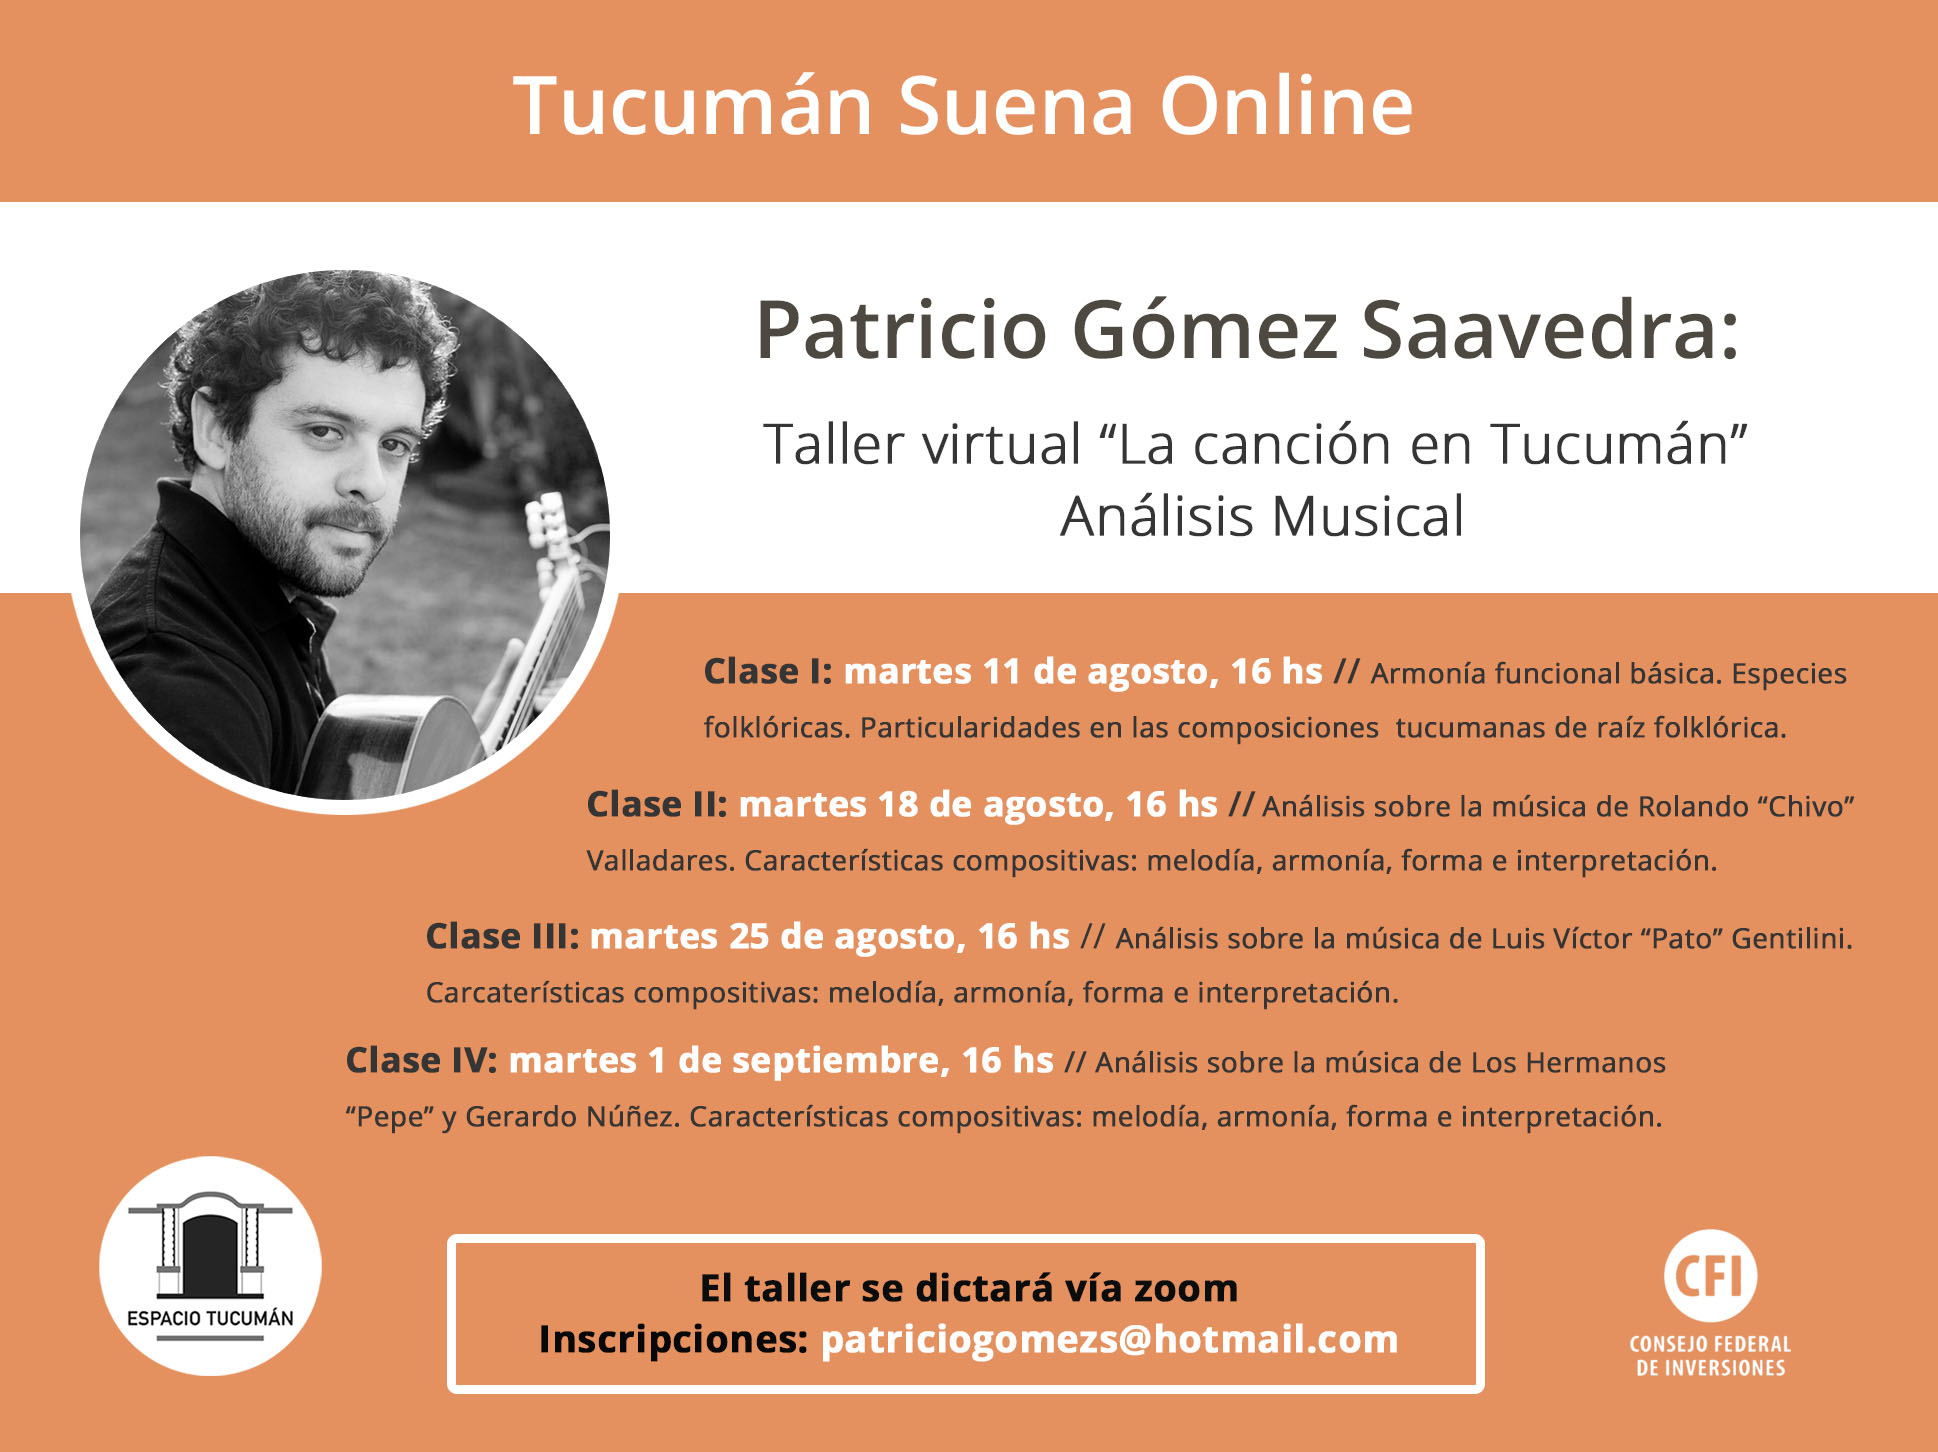 Taller Virtual: Patricio Gómez Saavedra